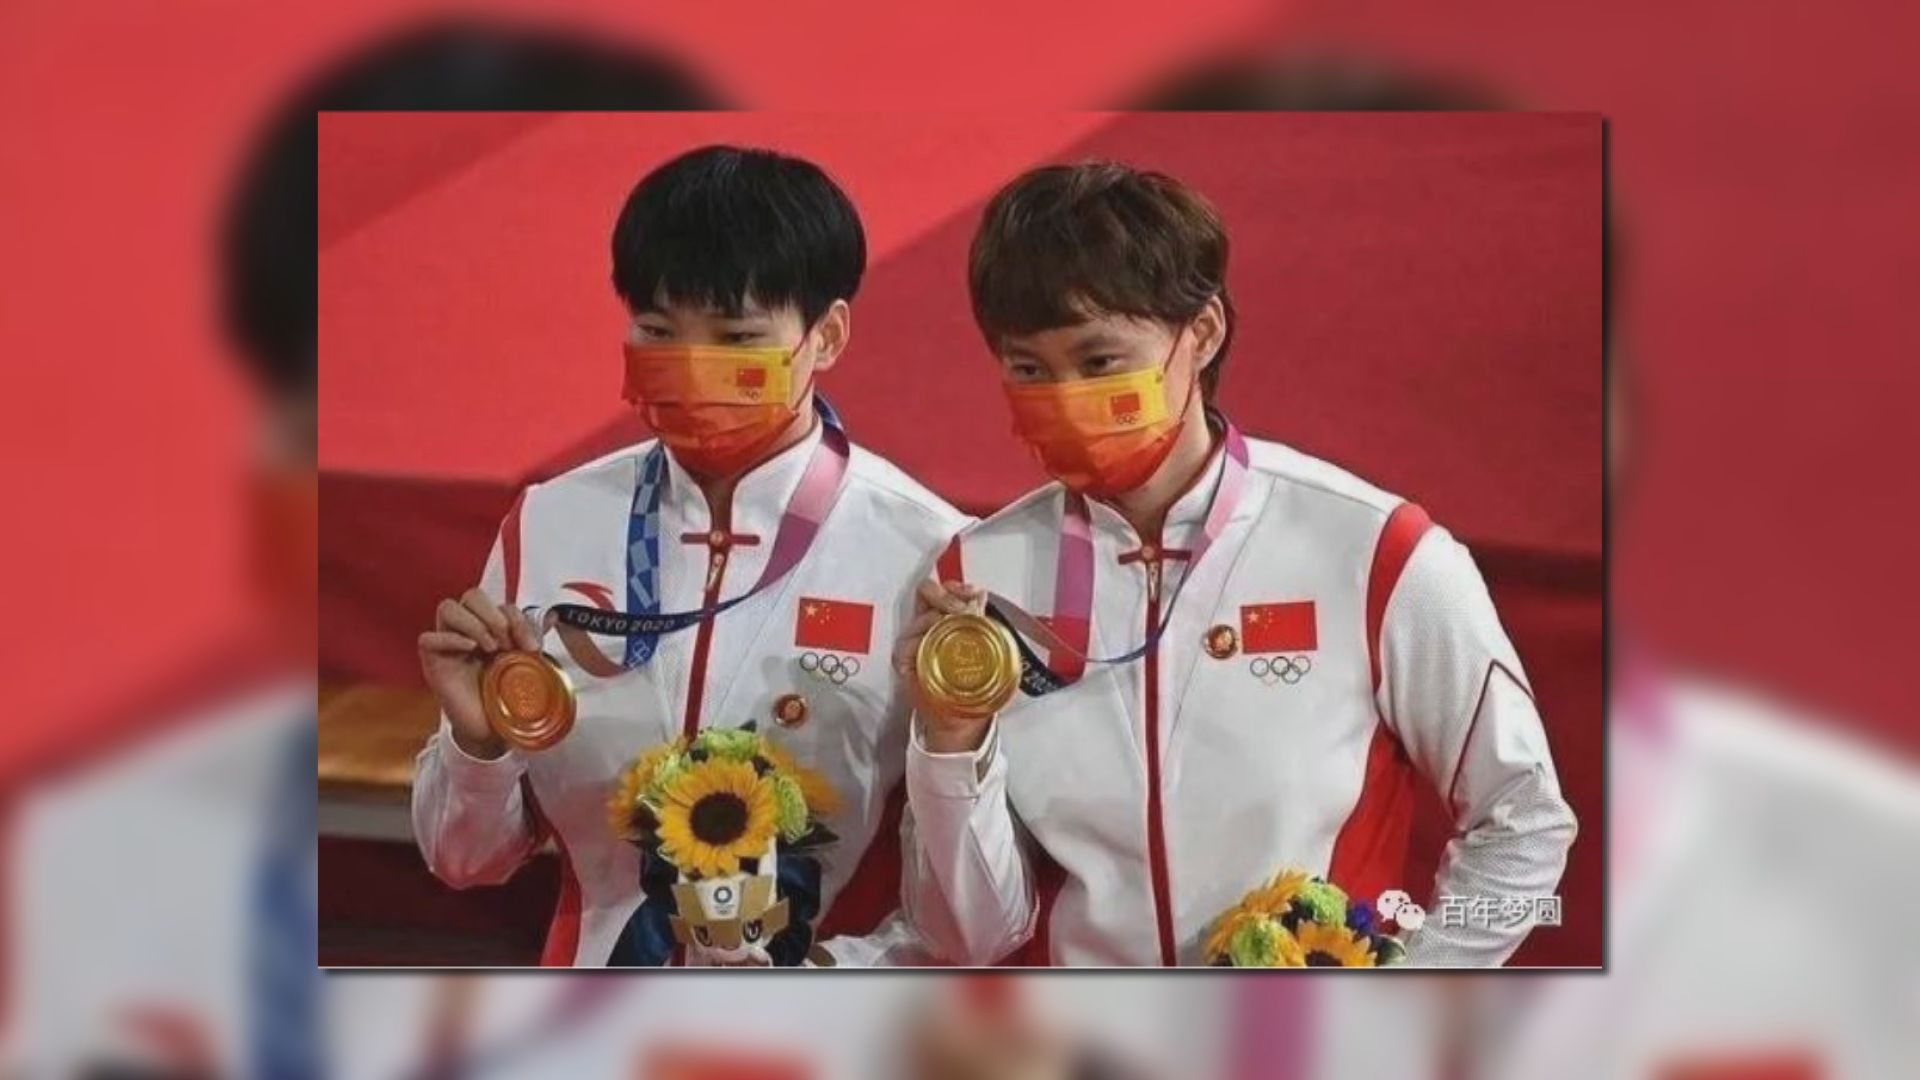 國家隊金牌得主戴毛澤東襟章領獎 國際奧委會要求解釋